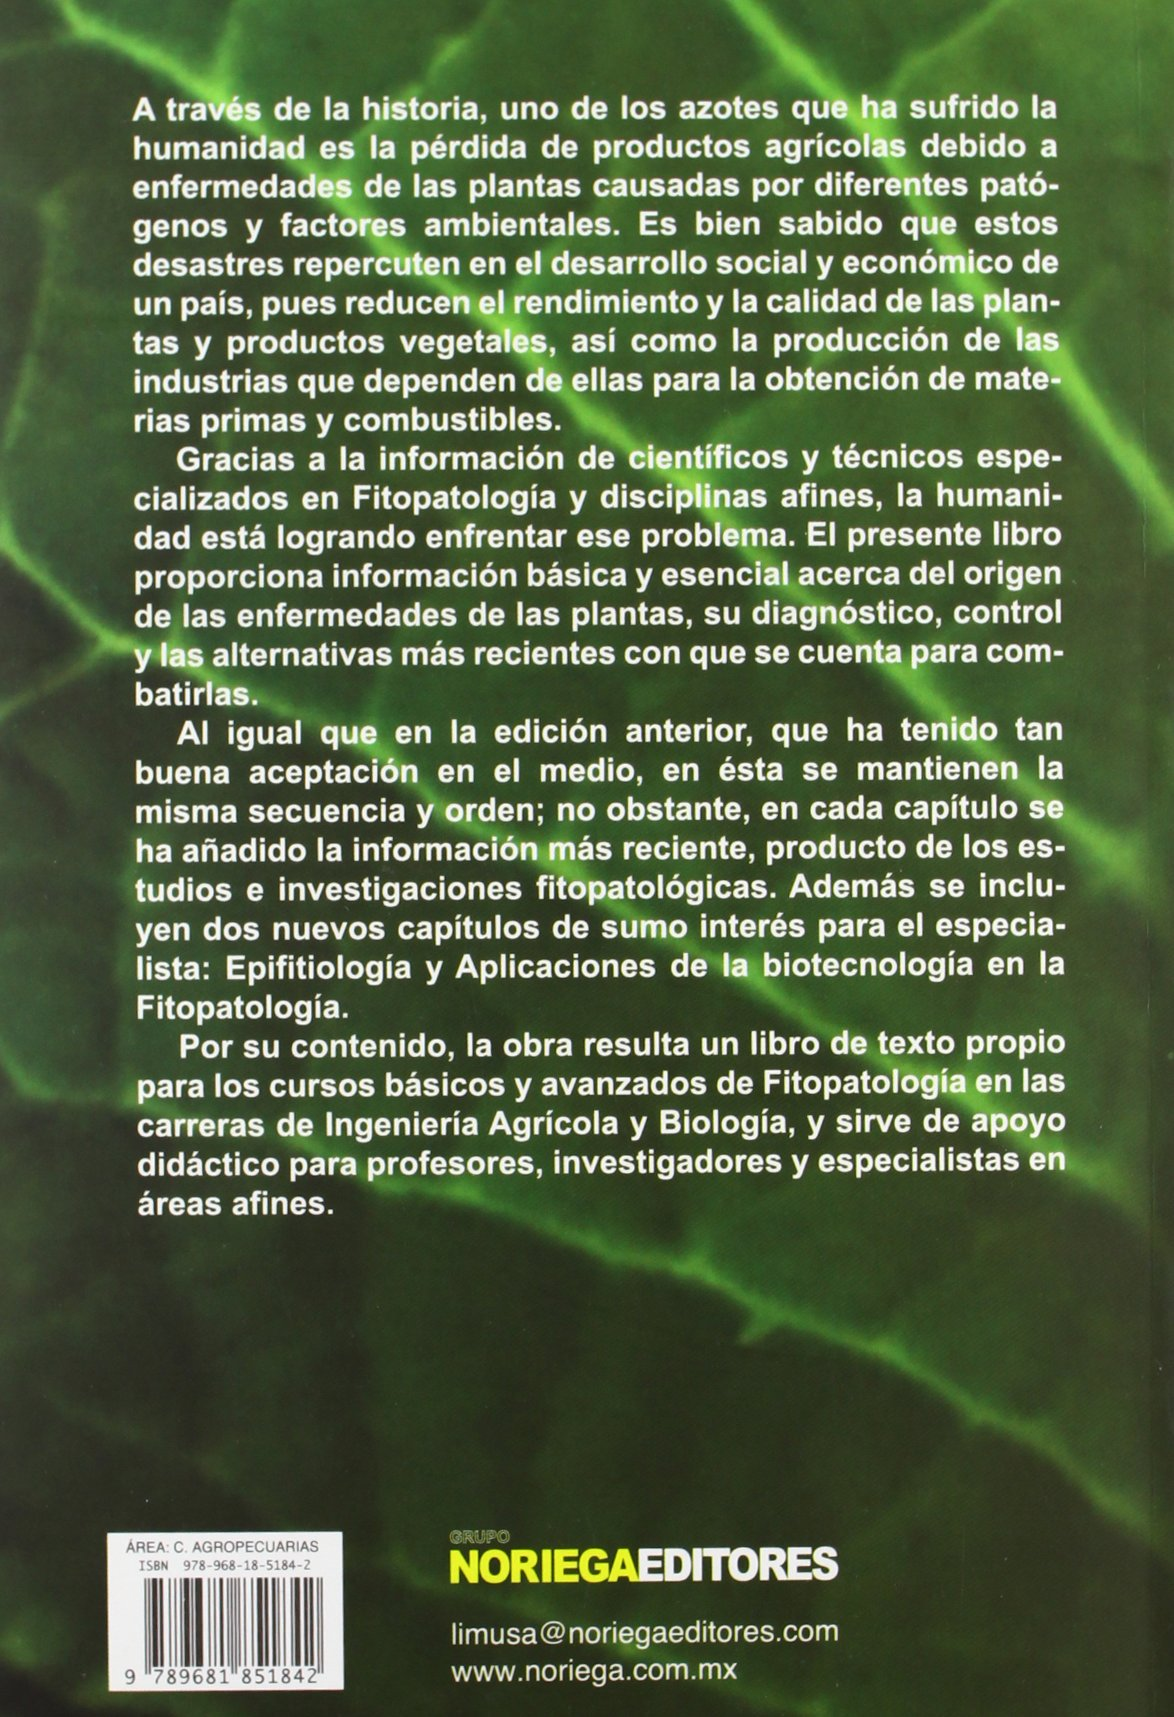 libro fitopatologia gn agrios